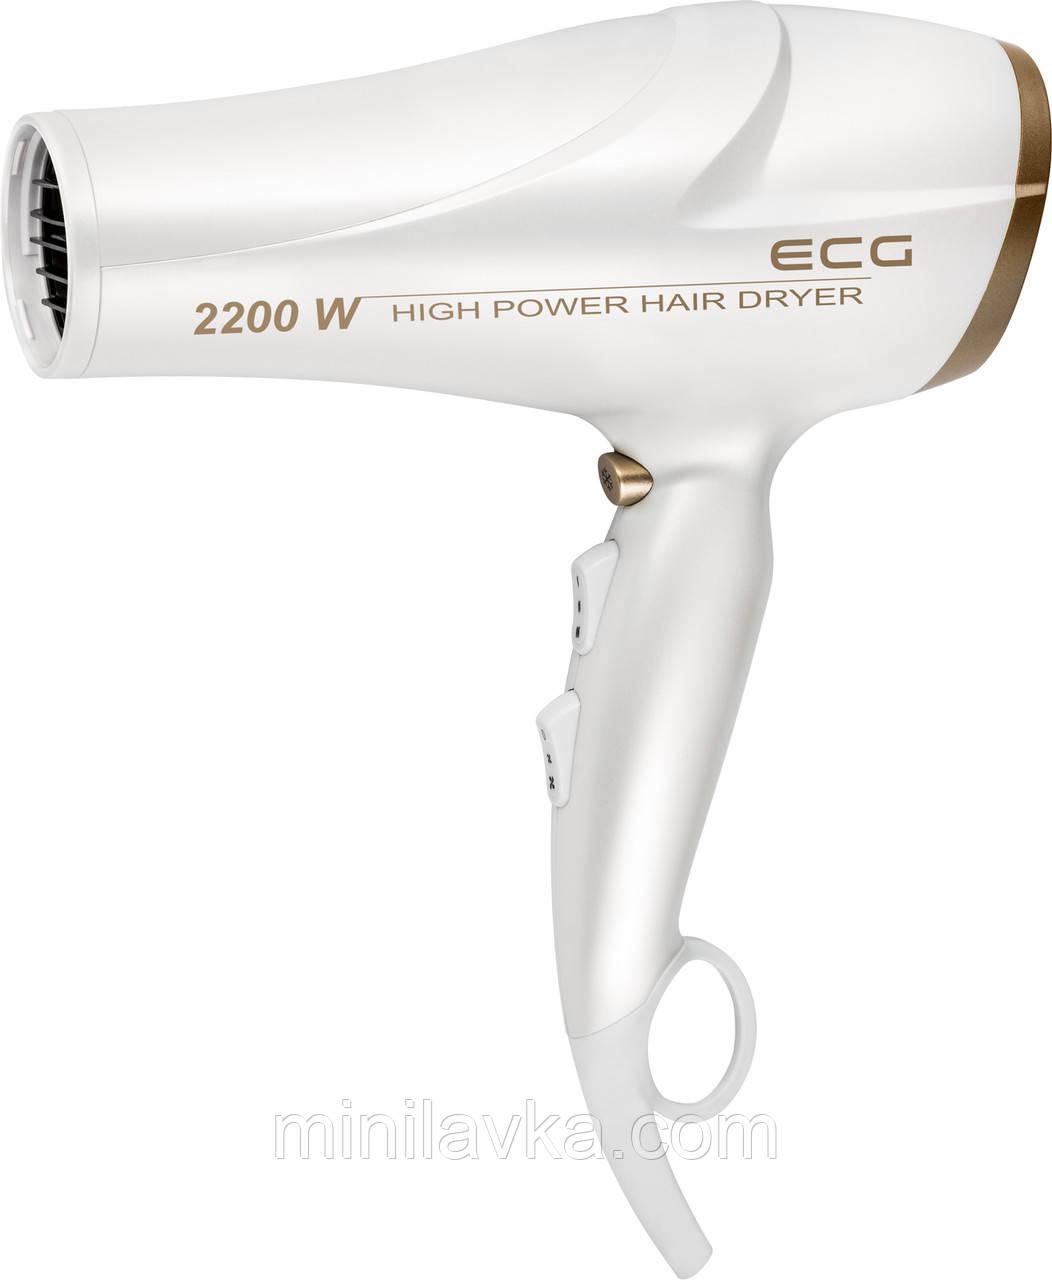 Фен ECG VV 2200